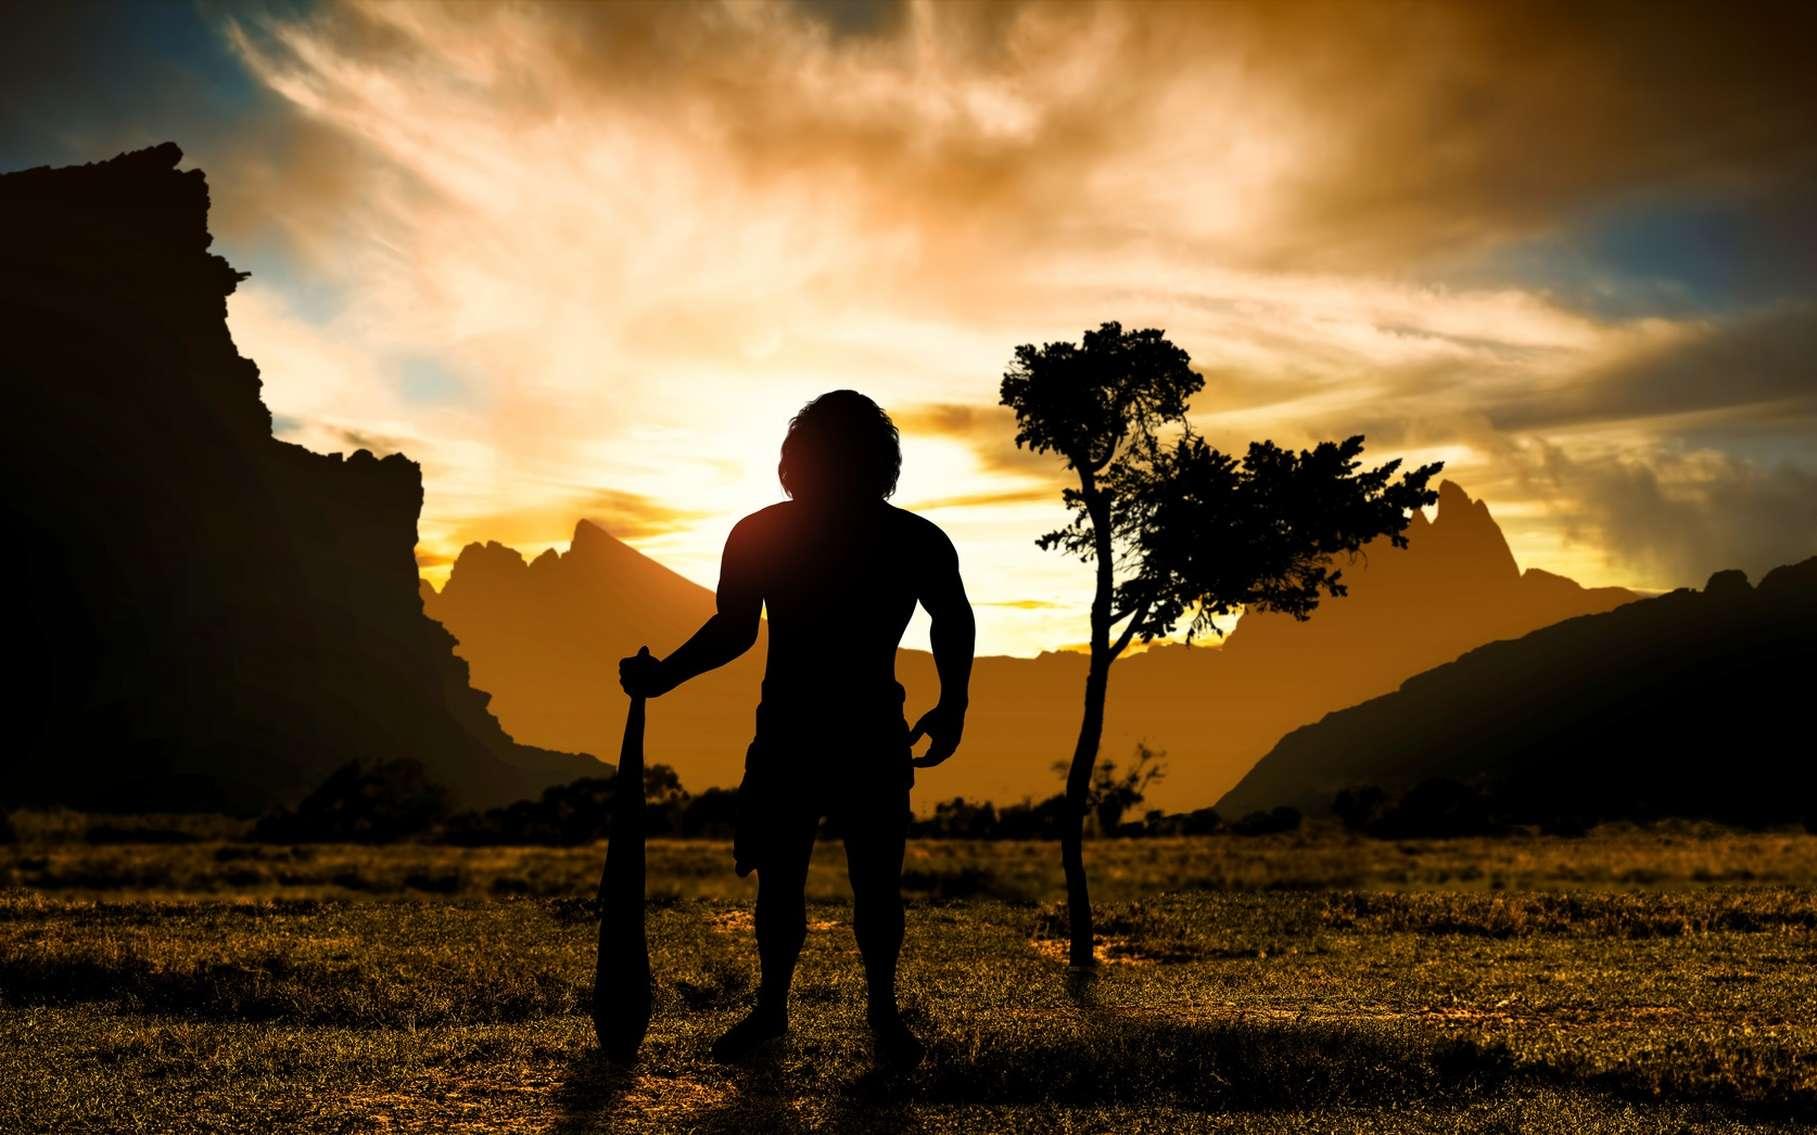 L'homme de Neandertal a cohabité avec l'homme moderne. © ginettigino, Fotolia